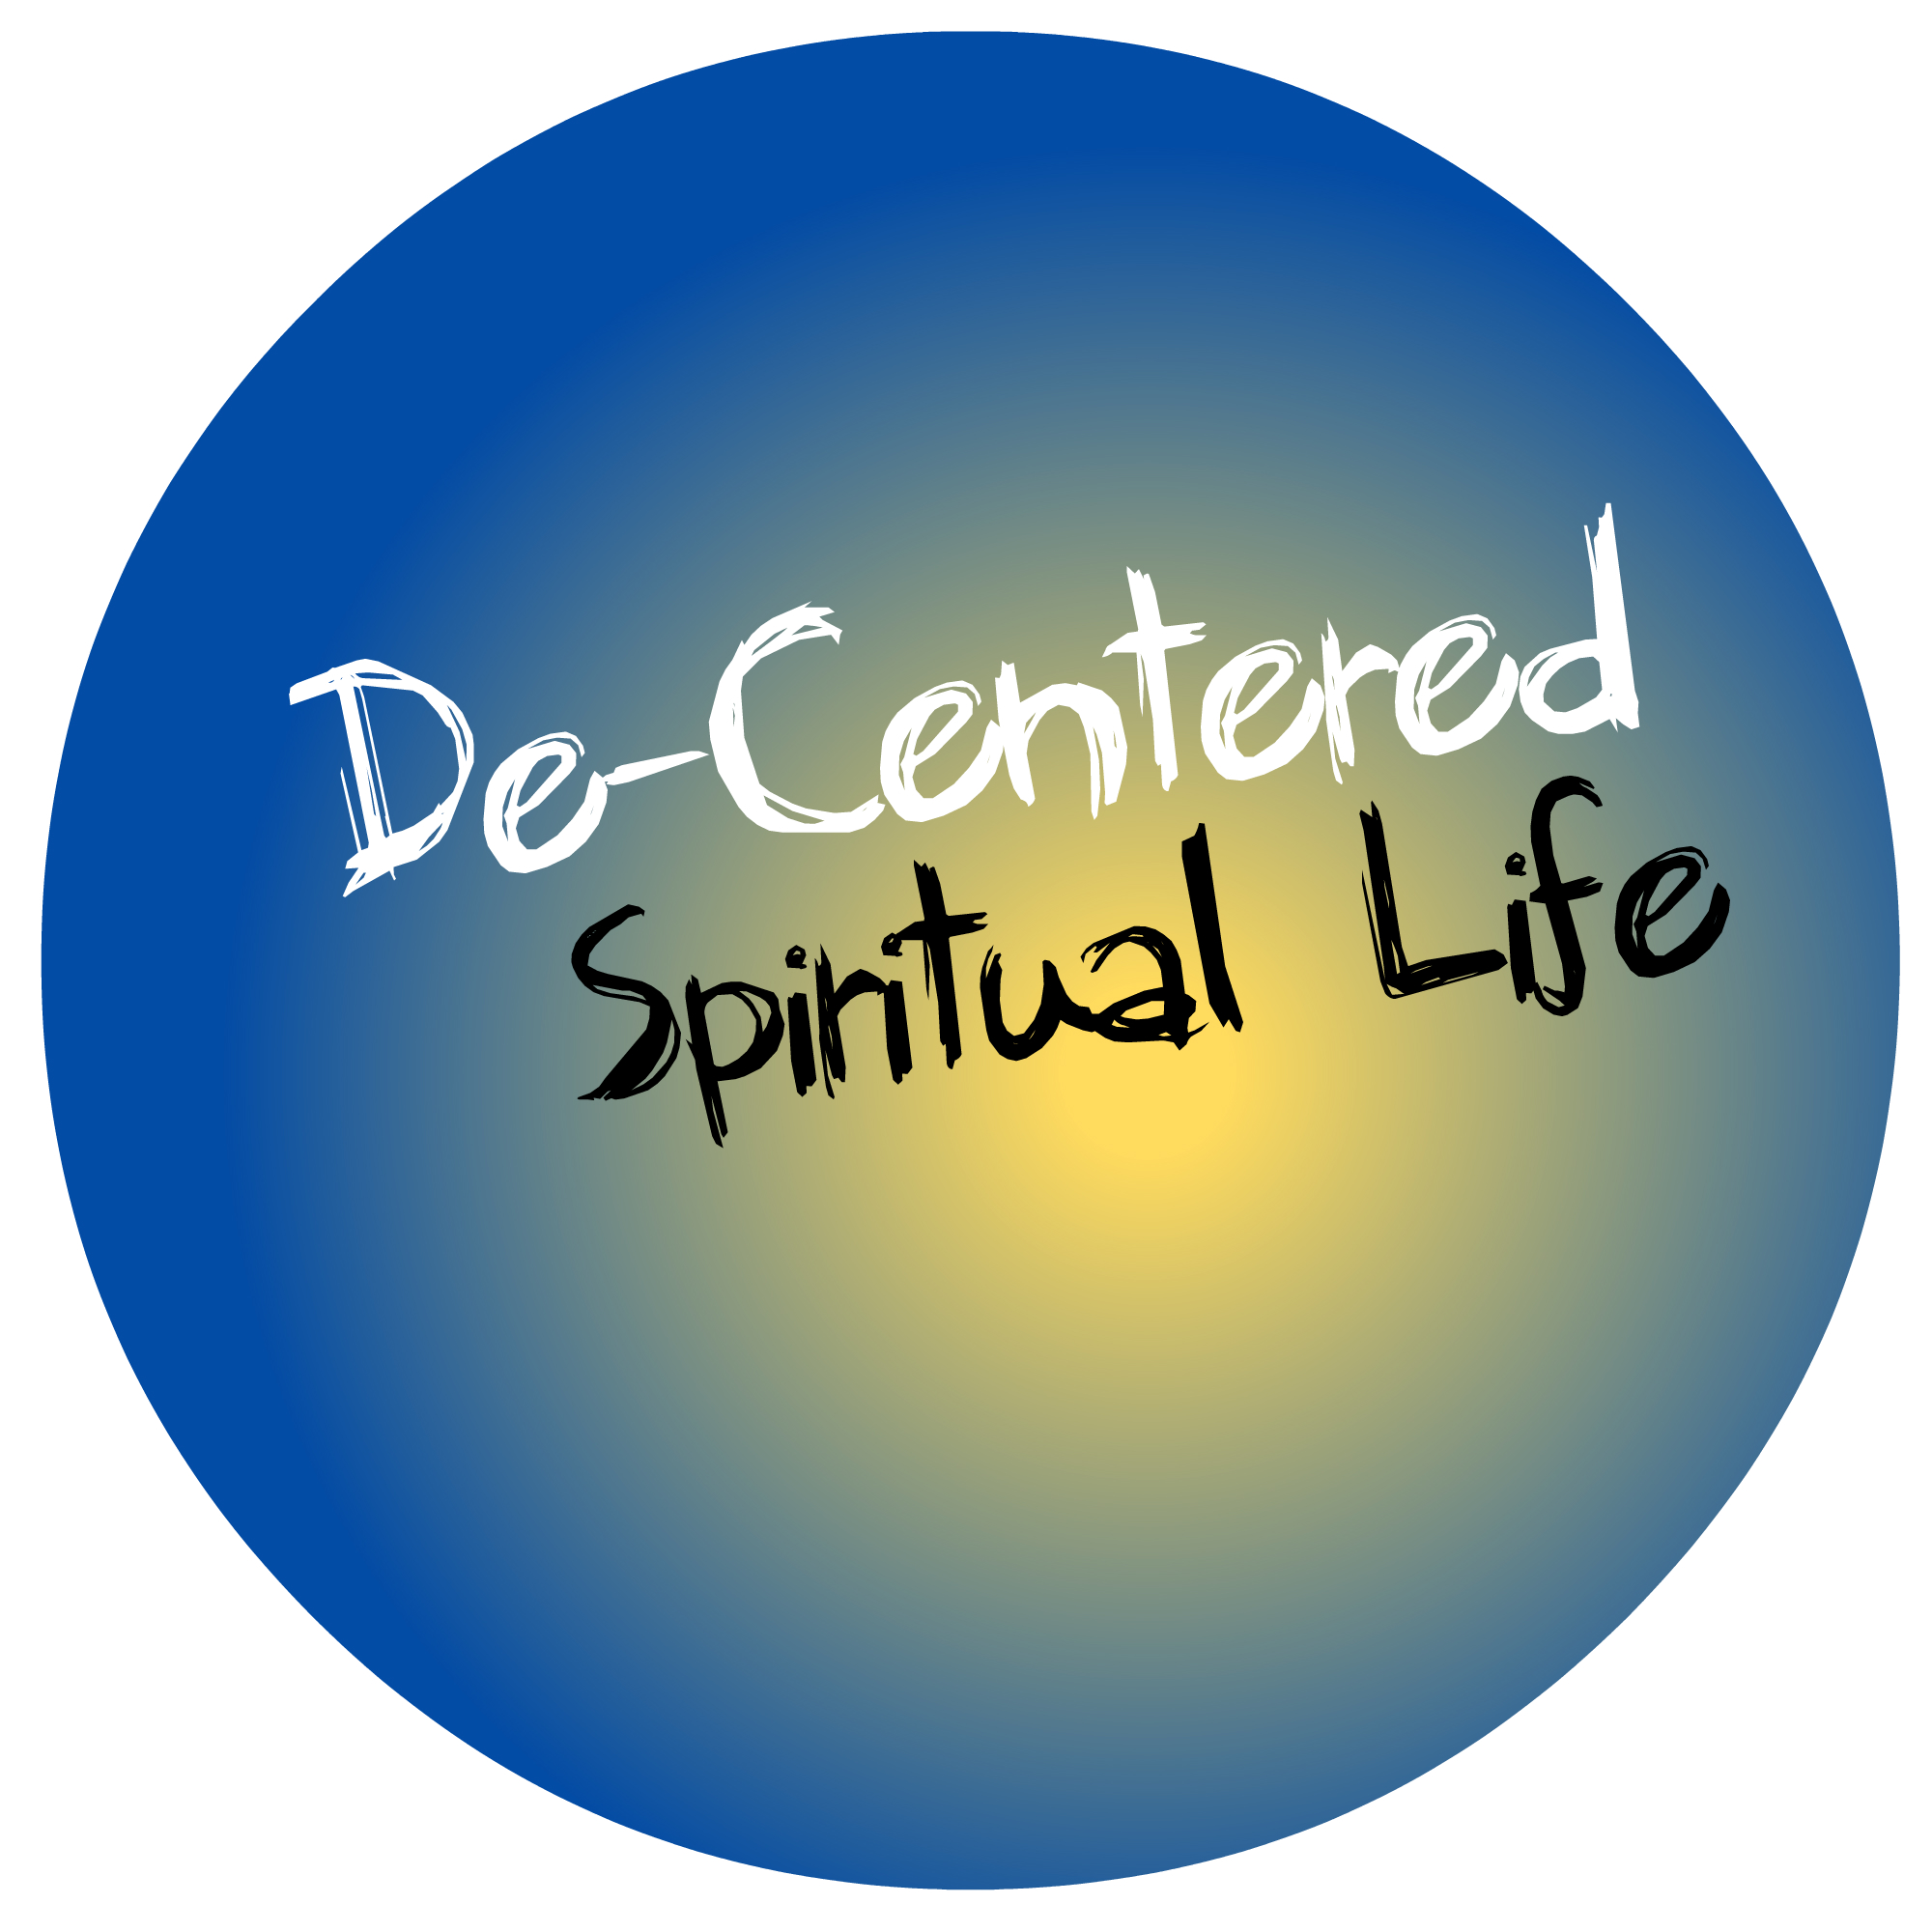 de-centered spiritual life